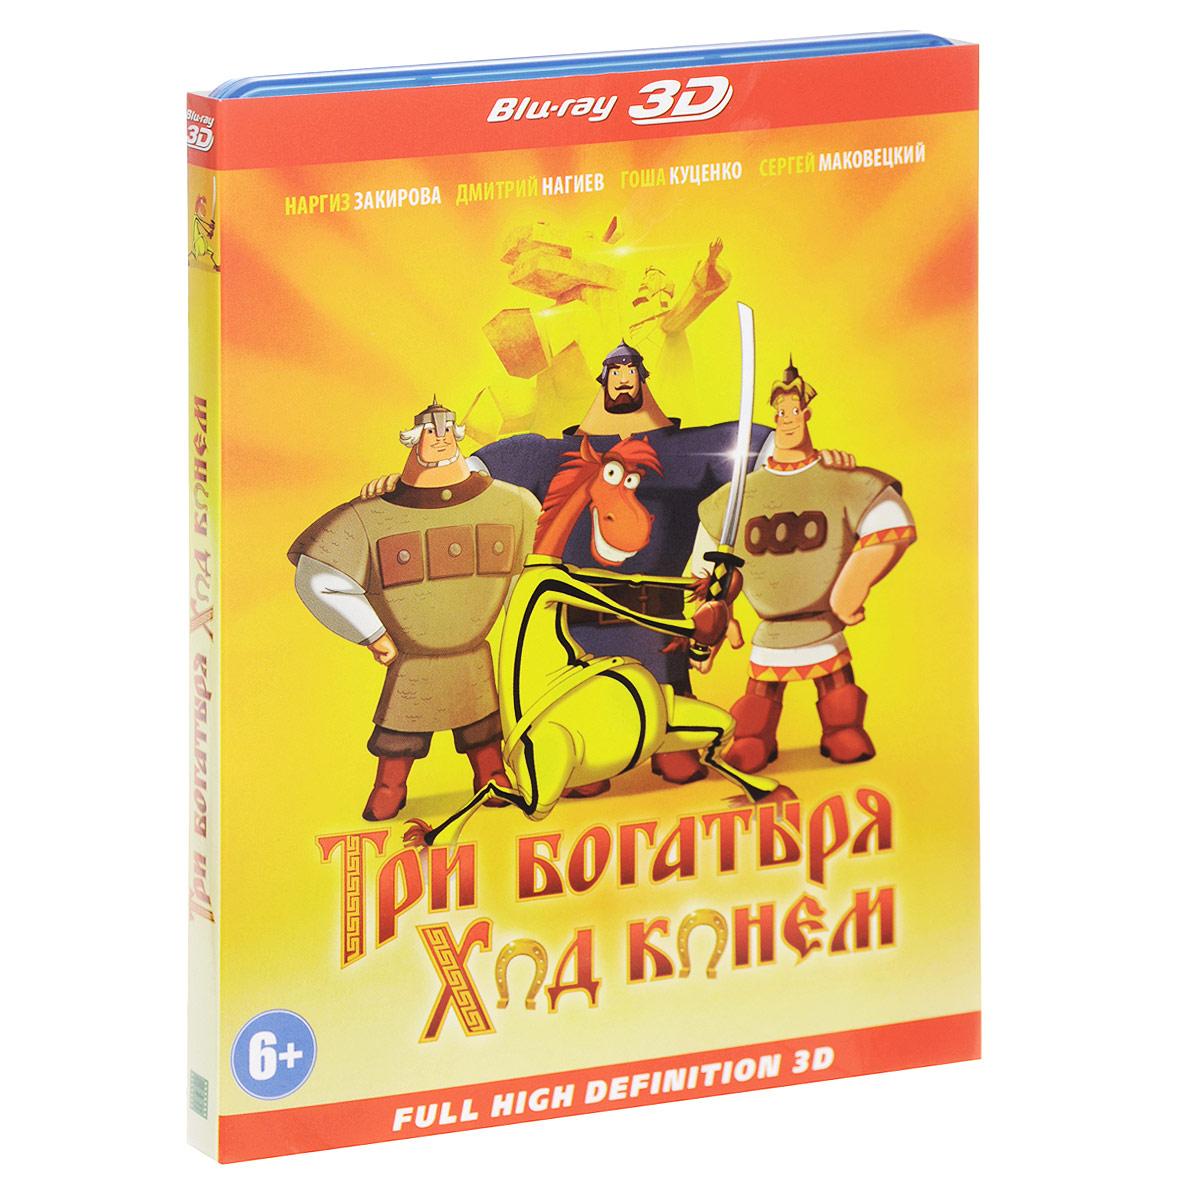 Три богатыря: Ход конем 3D (Blu-ray) что делать если некому продать кокаин